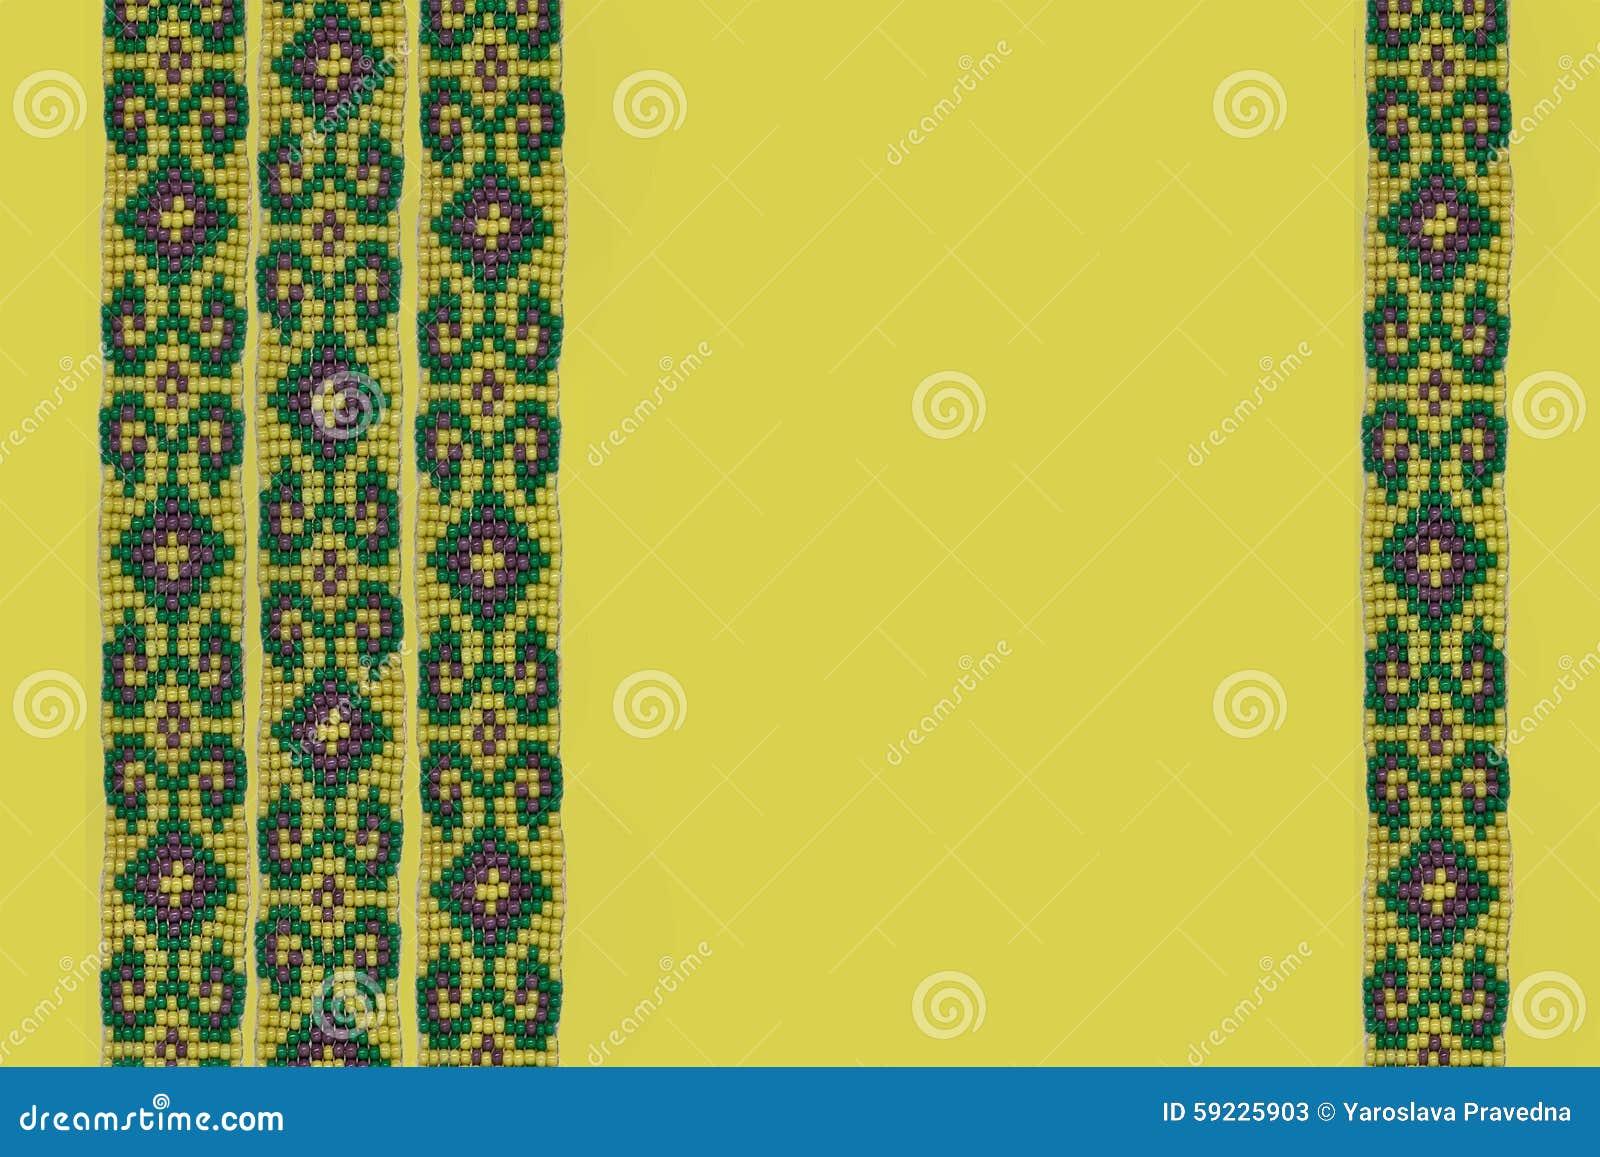 Download Fondo con un modelo verde imagen de archivo. Imagen de marco - 59225903